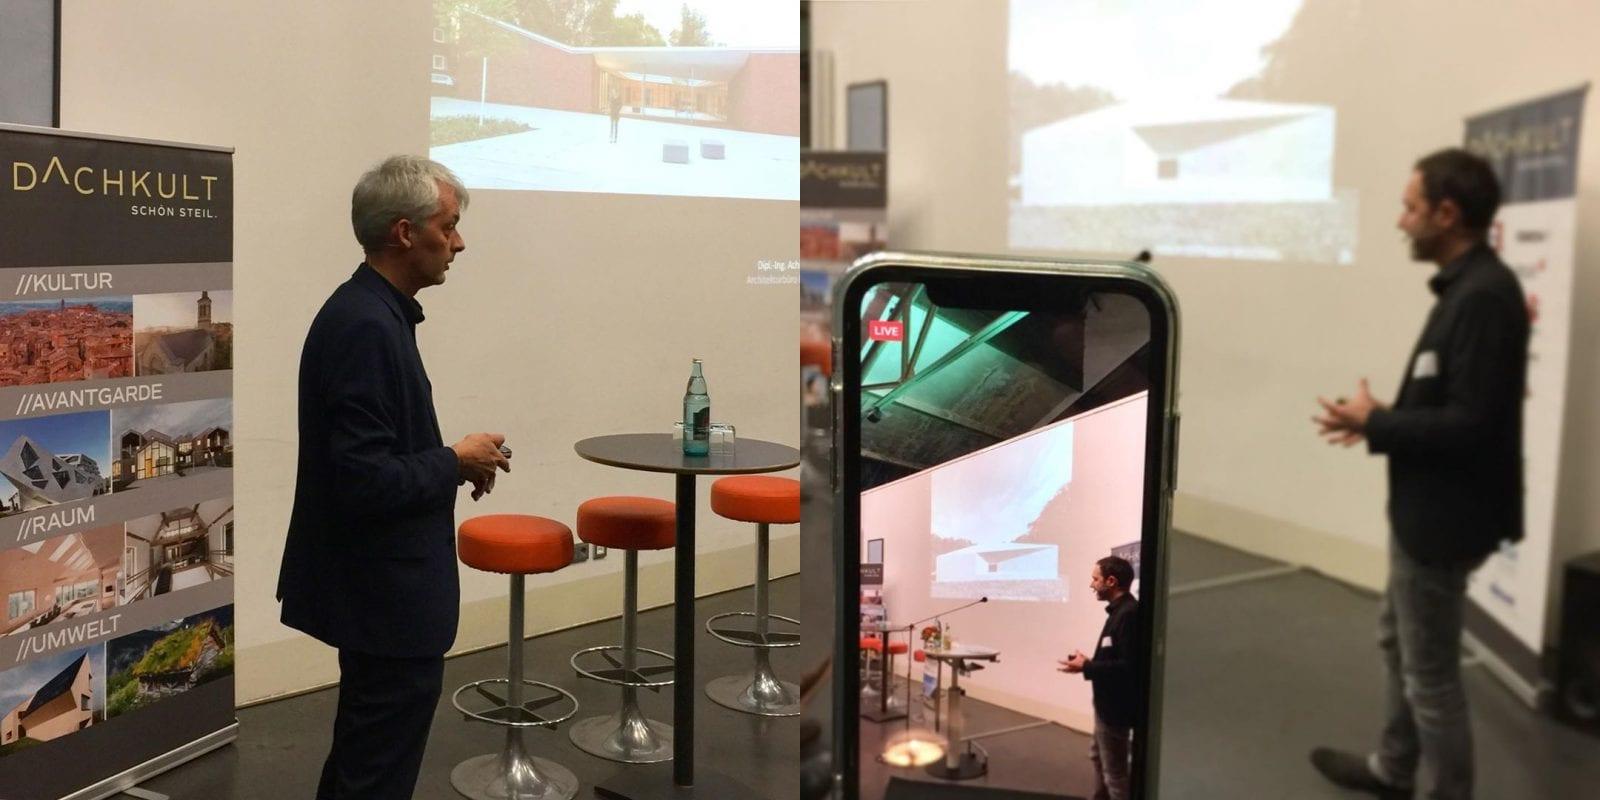 Die komplette Veranstaltung in Bochum (inkl. der Vorträge von Achim Pfeiffer und Prof. André Habermann, hier im Bild) wurden per Live-Stream auf Facebook übertragen. Fotos: Eric Sturm